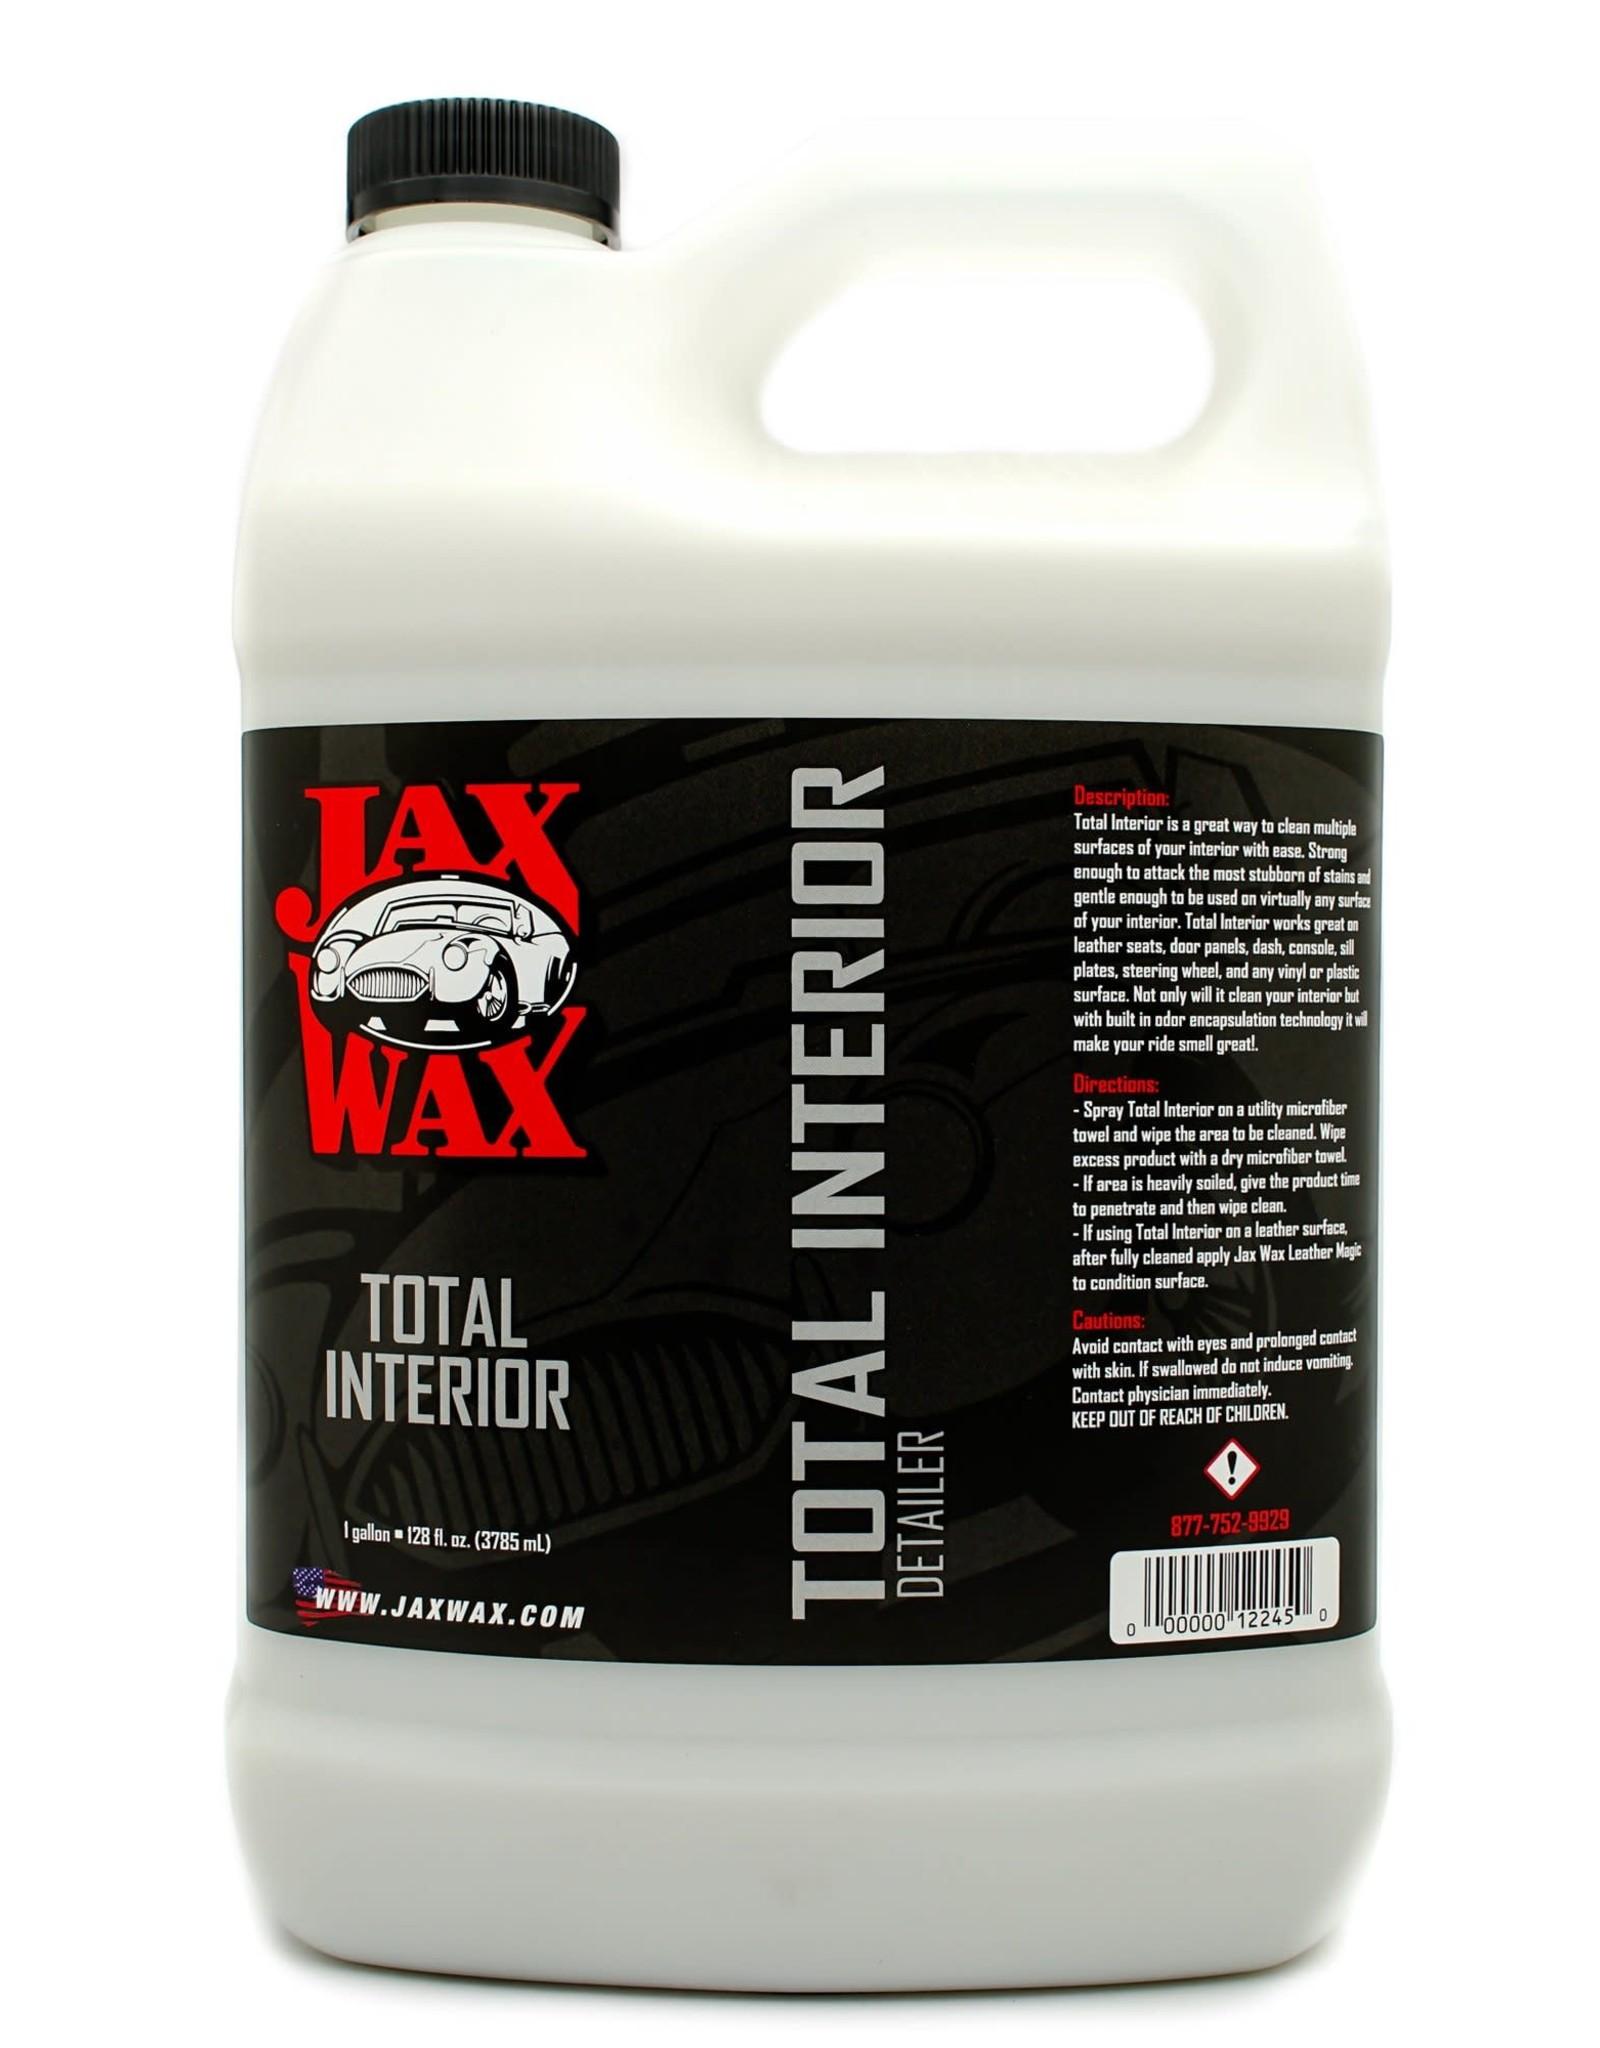 Total Interior Gallon